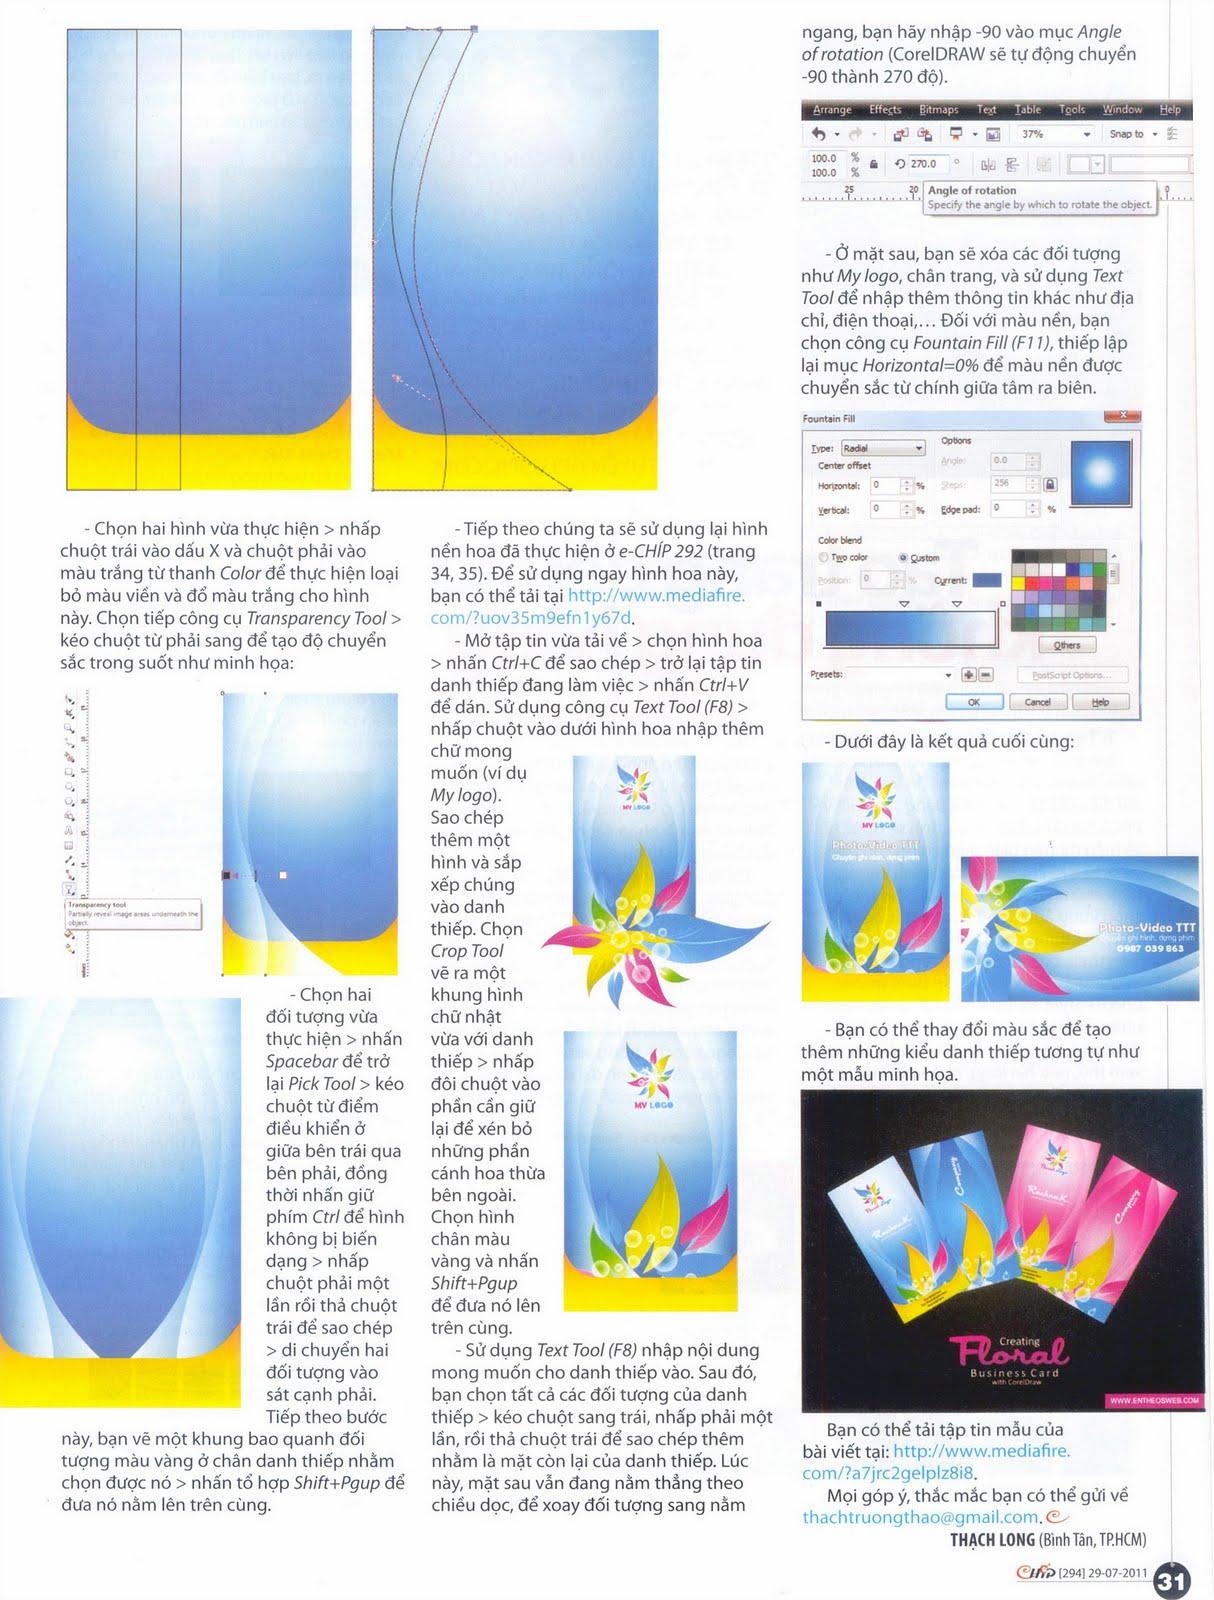 Bài viết trang 30, 31 của Tạp chí e-CHÍP 294 (Thứ sáu, 29/7/2011)sẽ hướng dẫn bạn thiết kế một danh thiếp rực rỡ, ấn tượng với CorelDRAW X5.